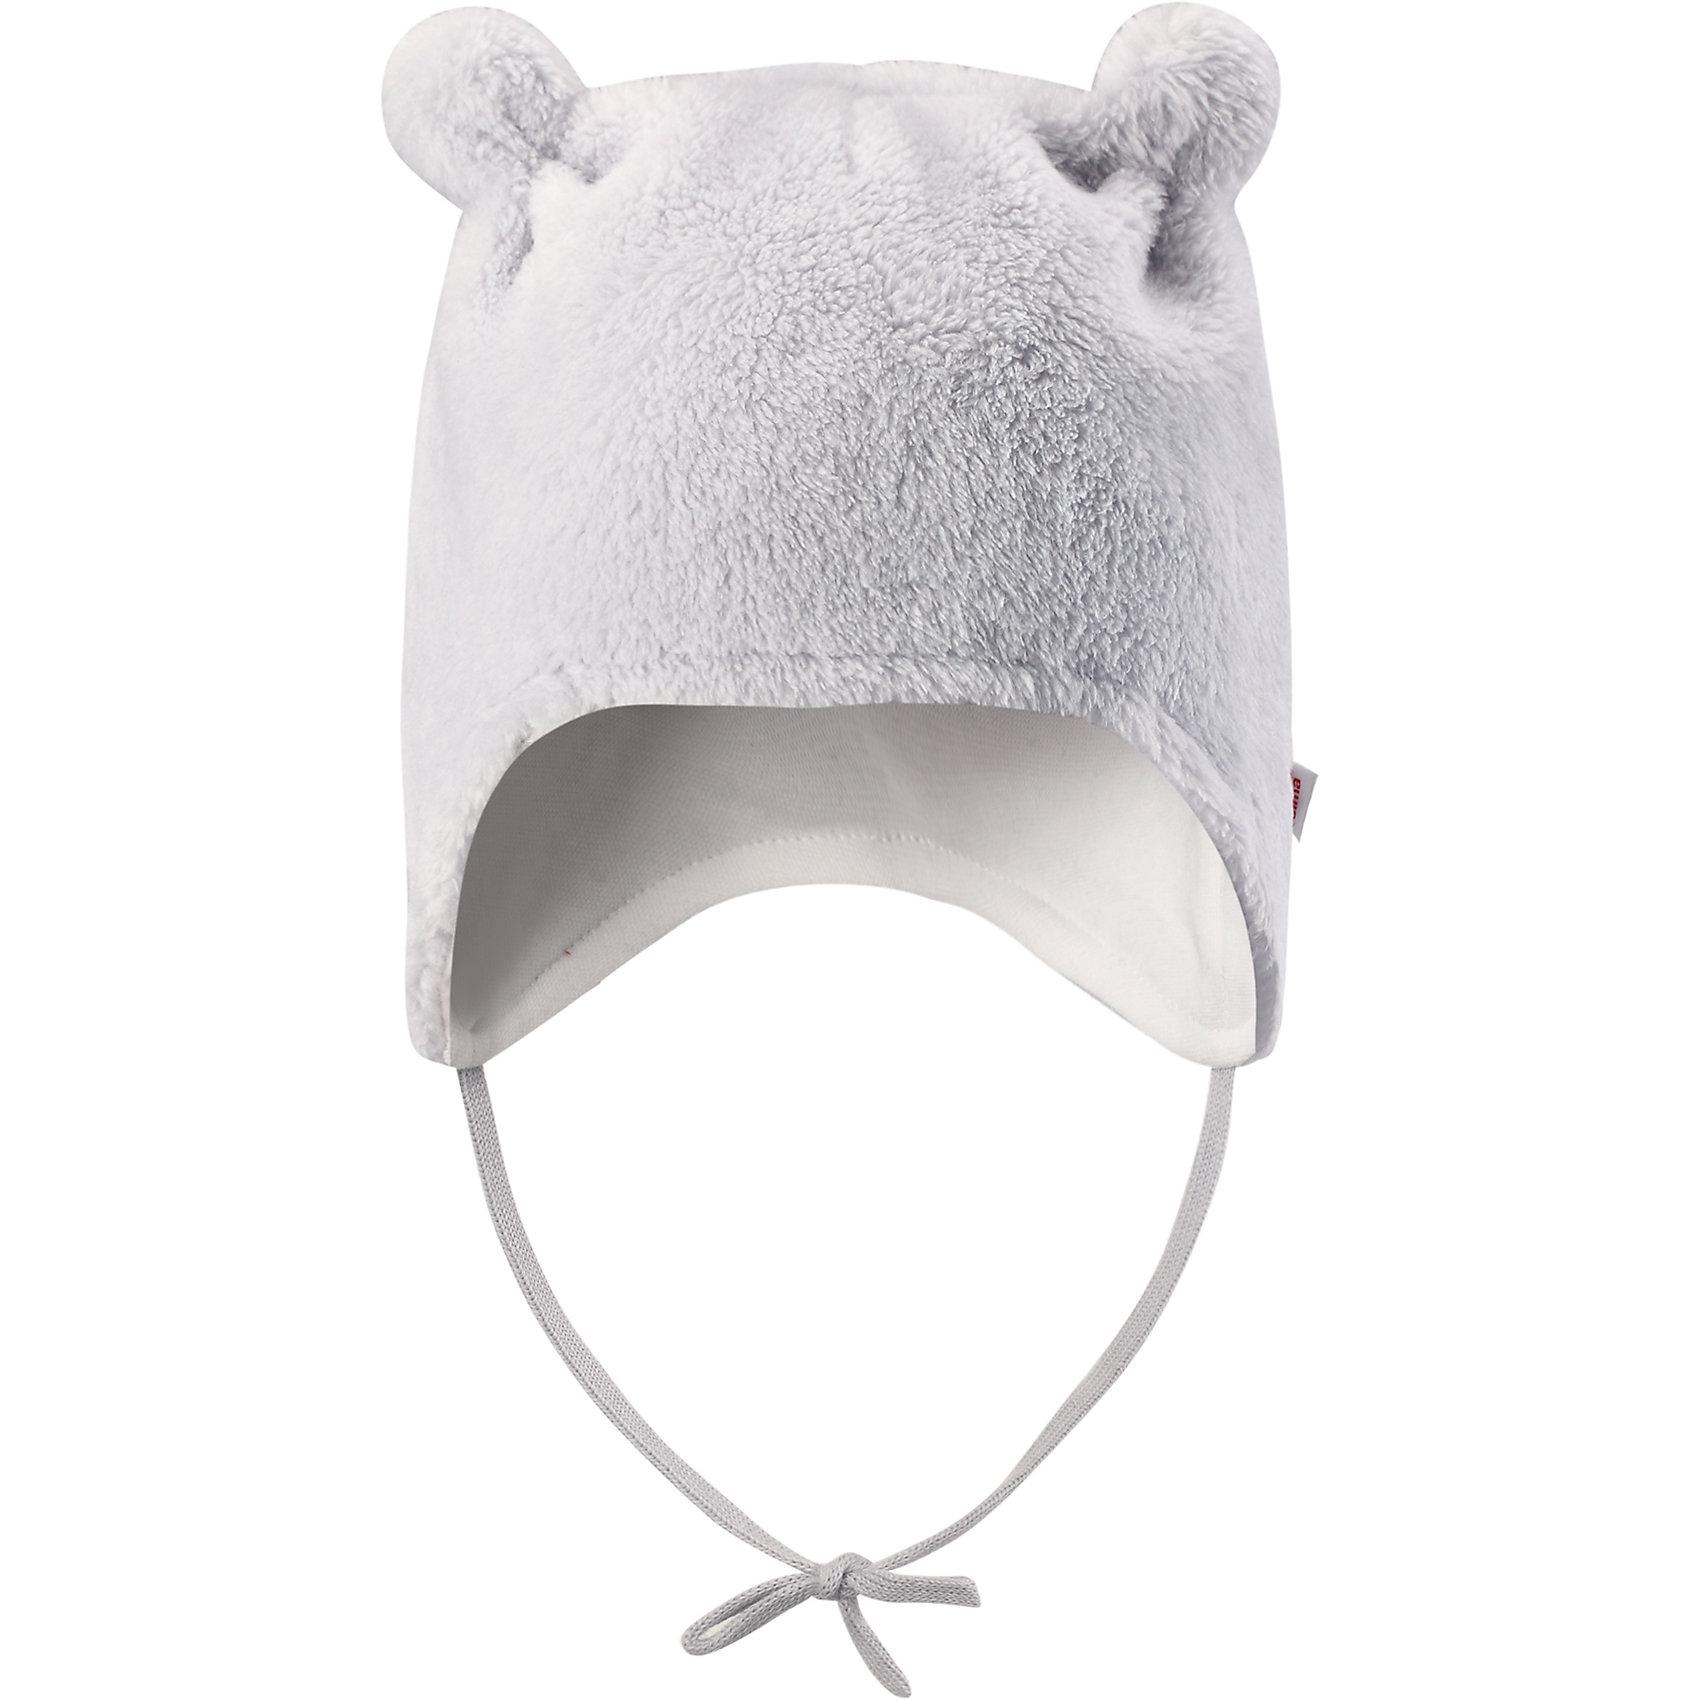 Флисовая шапка Reima LeoШапки и шарфы<br>Характеристики товара:<br><br>• цвет: серый;<br>• состав: 100% полиэстер, флис;<br>• подкладка: 97% хлопок, 3% эластан;<br>• температурный режим: от 0 до -20С;<br>• сезон: зима; <br>• особенности модели: флисовая, на завязках;<br>• дышащий, теплый и быстросохнущий флис;<br>• сплошная подкладка: мягкий теплый триотаж;<br>• задние швы отсутствуют;<br>• шапка на завязках, сверху декоративные ушки;<br>• логотип Reima сбоку;<br>• страна бренда: Финляндия;<br>• страна изготовитель: Китай.<br><br>Флисовая шапка на завязках для новорожденных сшита из мягкого и пушистого ворсового флиса и снабжена симпатичной подкладкой из джерси. Флис – дышащий и быстросохнущий материал, а благодаря отсутствию заднего шва шапка идеально подойдет для чувствительной кожи младенца. Довершите образ парой симпатичных варежек Lepus.<br><br>Шапка Leo Reima от финского бренда Reima (Рейма) можно купить в нашем интернет-магазине.<br><br>Ширина мм: 89<br>Глубина мм: 117<br>Высота мм: 44<br>Вес г: 155<br>Цвет: серый<br>Возраст от месяцев: 6<br>Возраст до месяцев: 9<br>Пол: Унисекс<br>Возраст: Детский<br>Размер: 38-40,42-44,34-36<br>SKU: 6908830